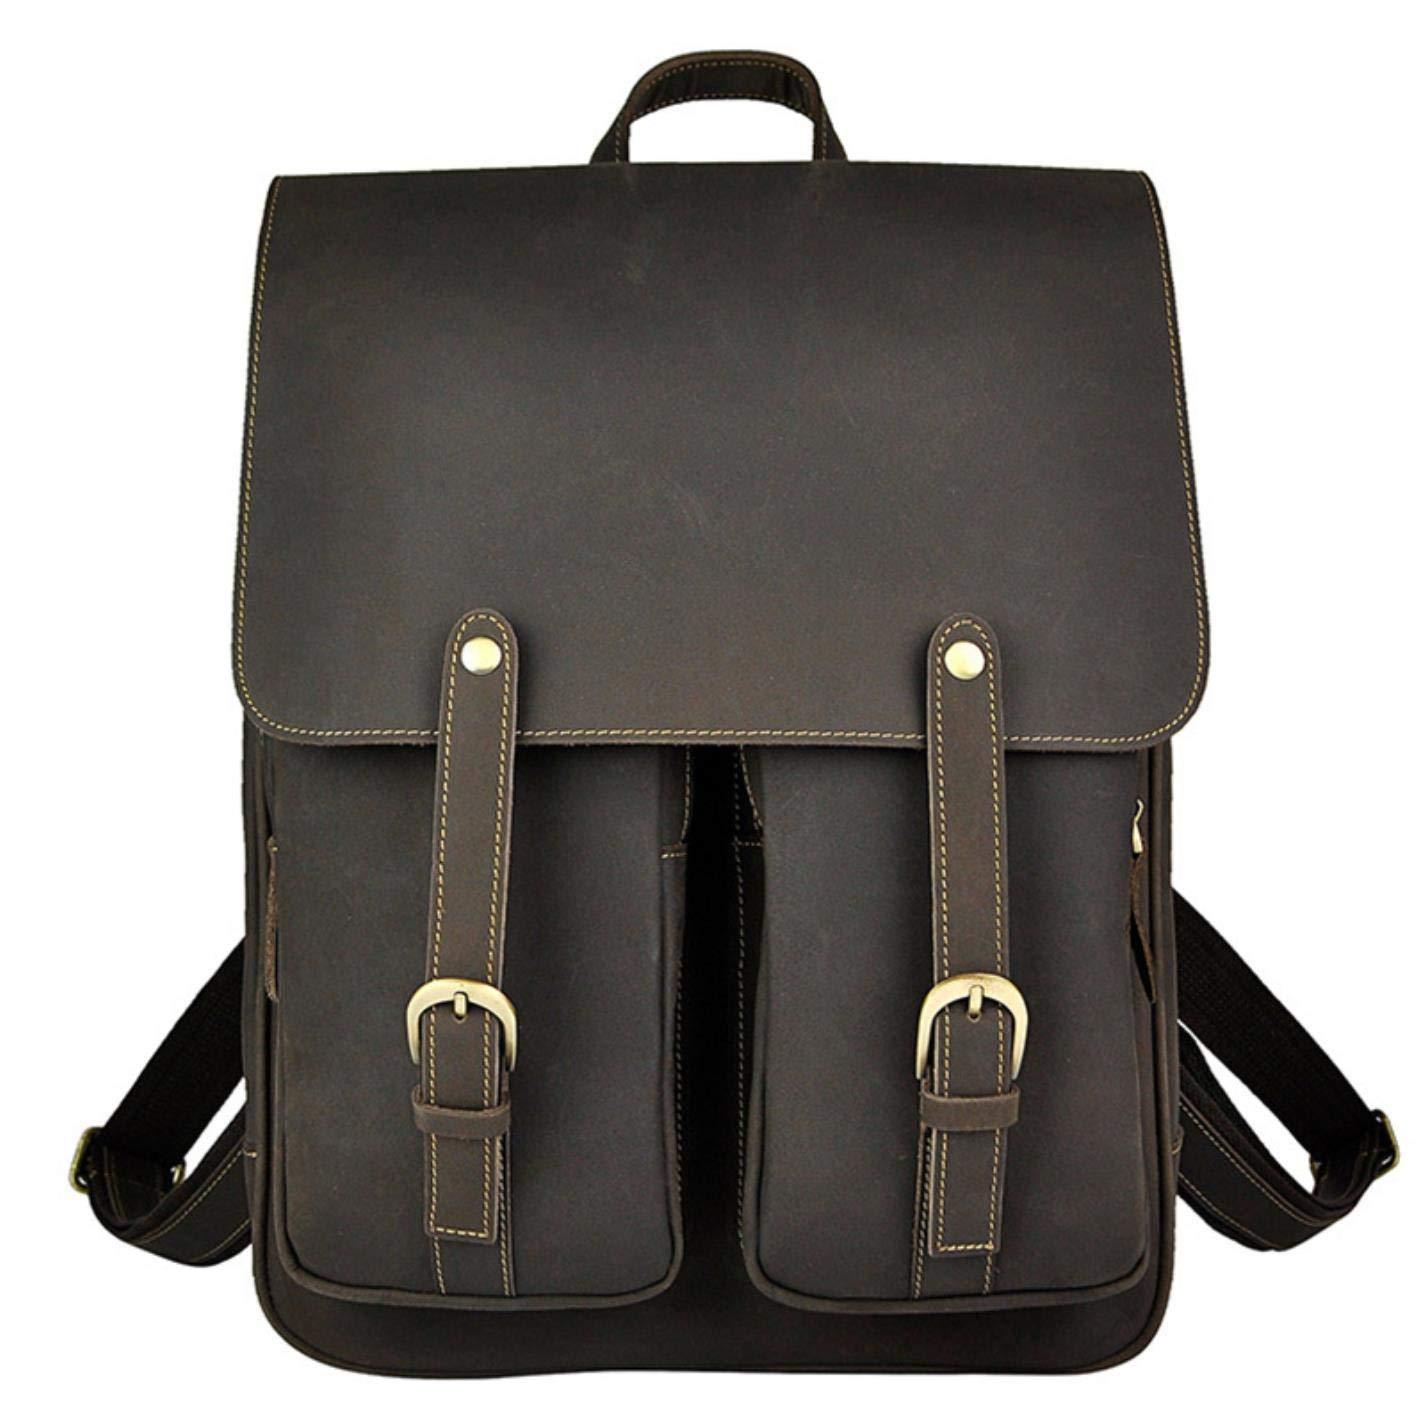 yubanforteen APPAREL レディース US サイズ: One Size カラー: ブラウン B07G97R3NK